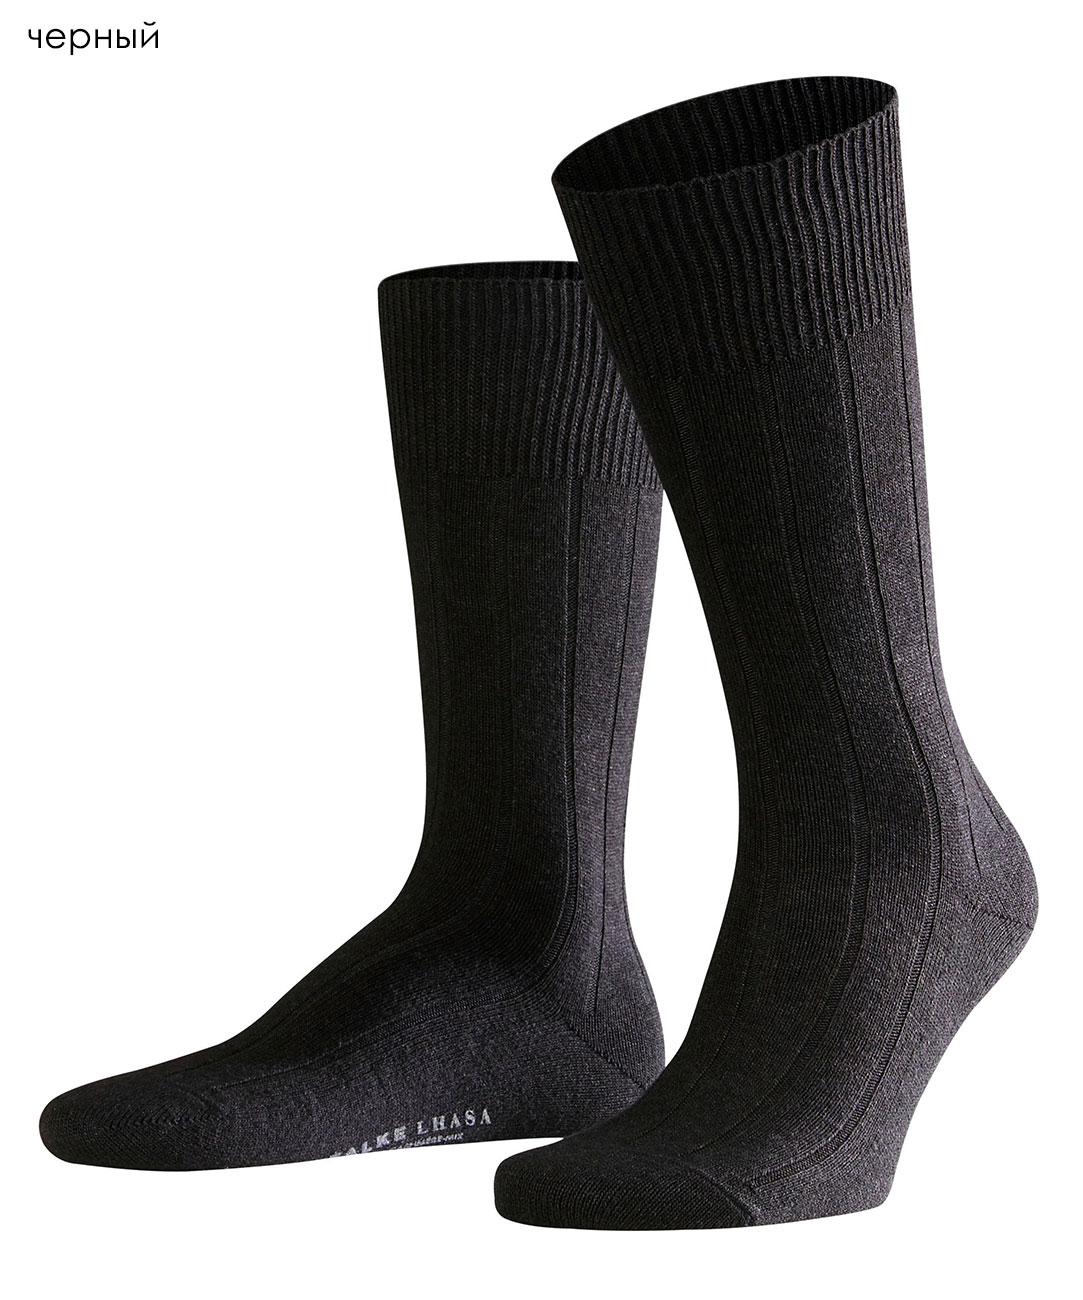 Мужские носки 14423 Lhasa Rib Falke